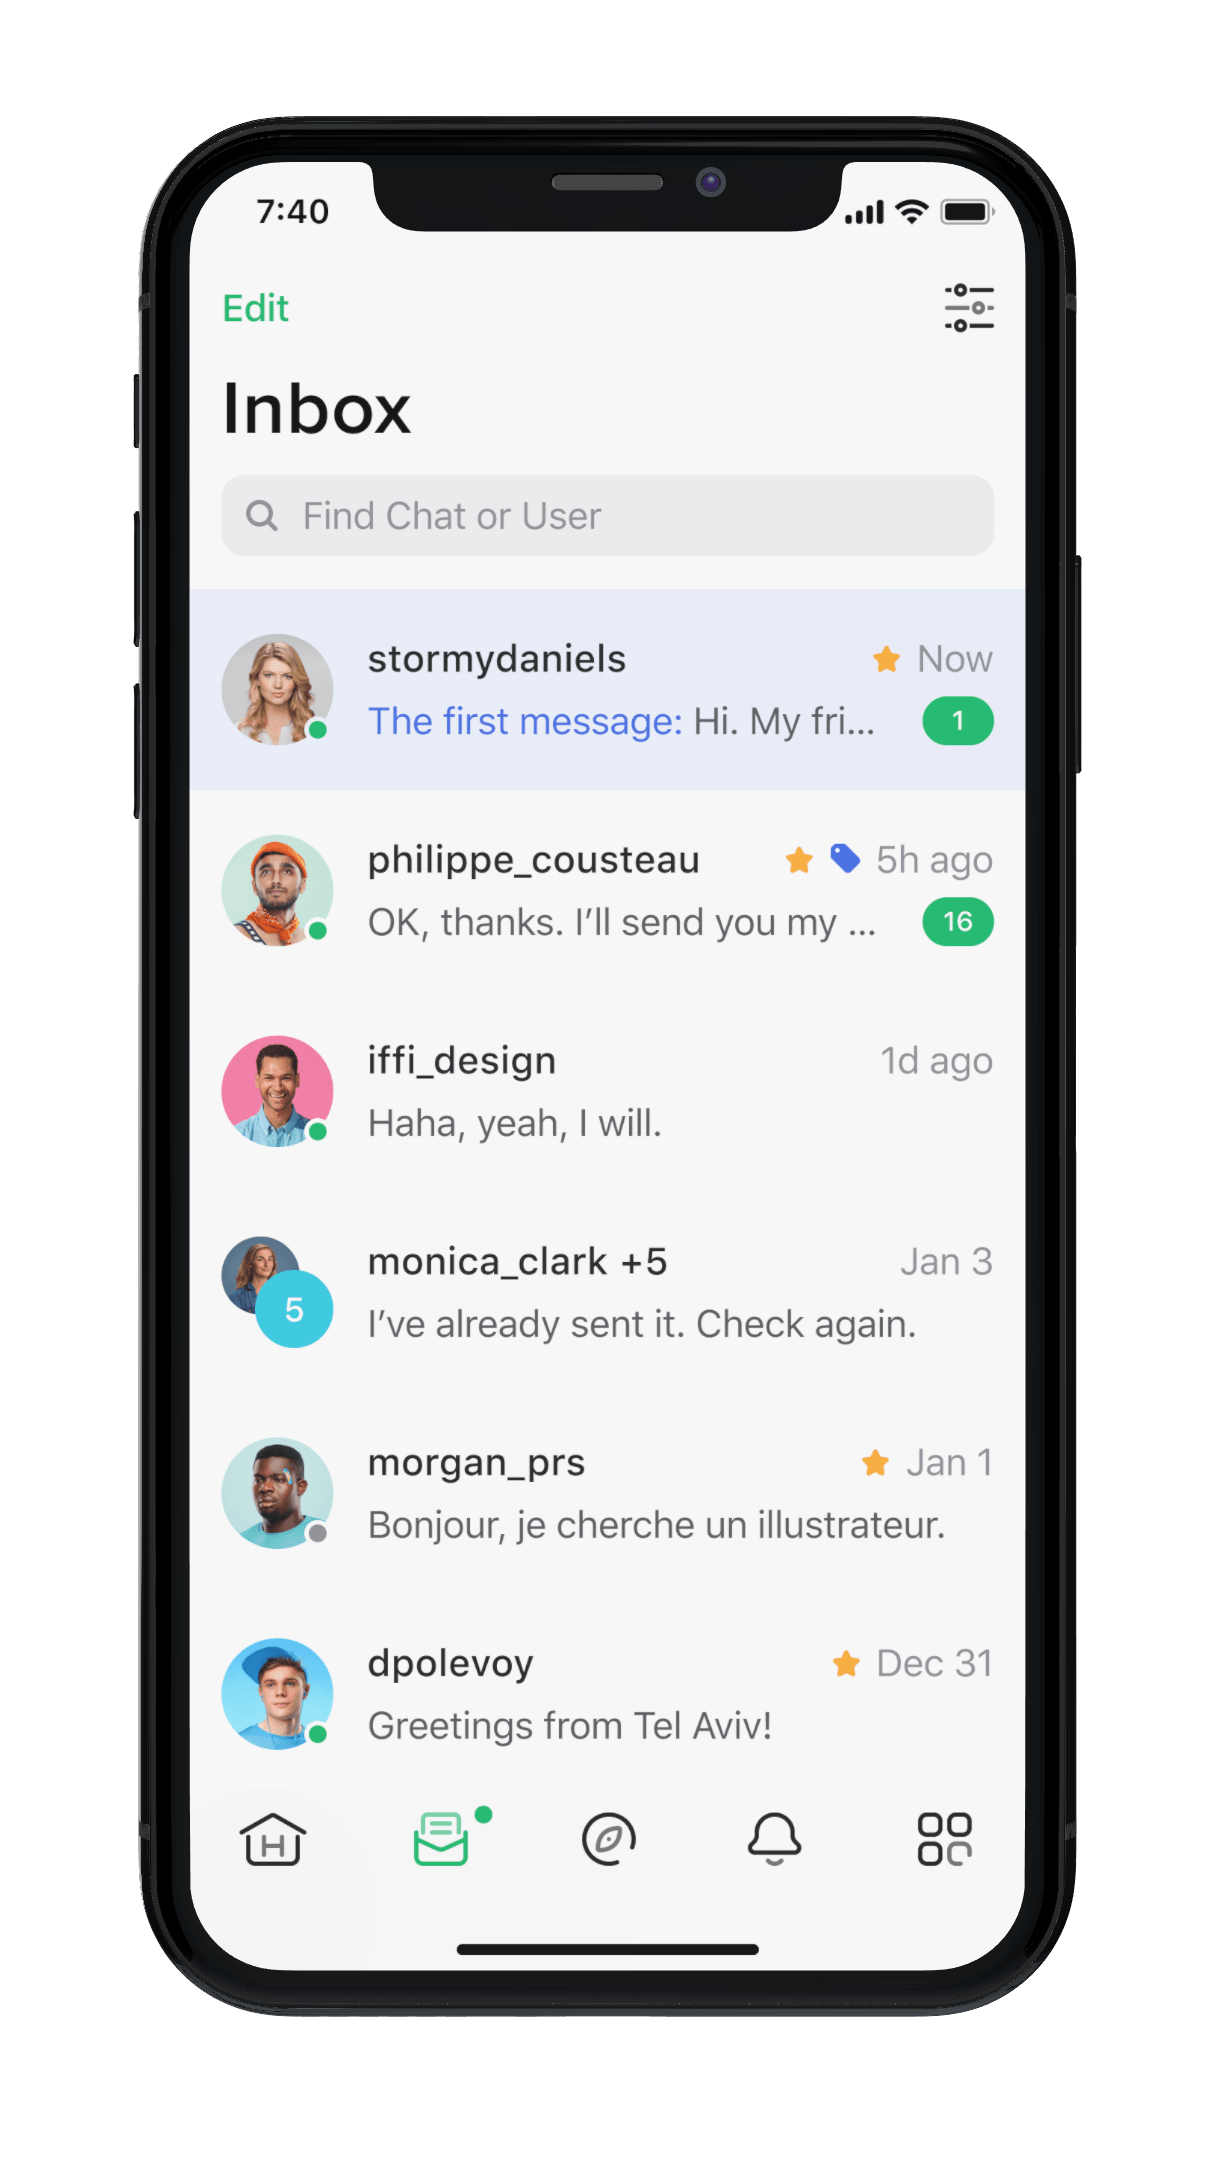 01-Inbox_First message